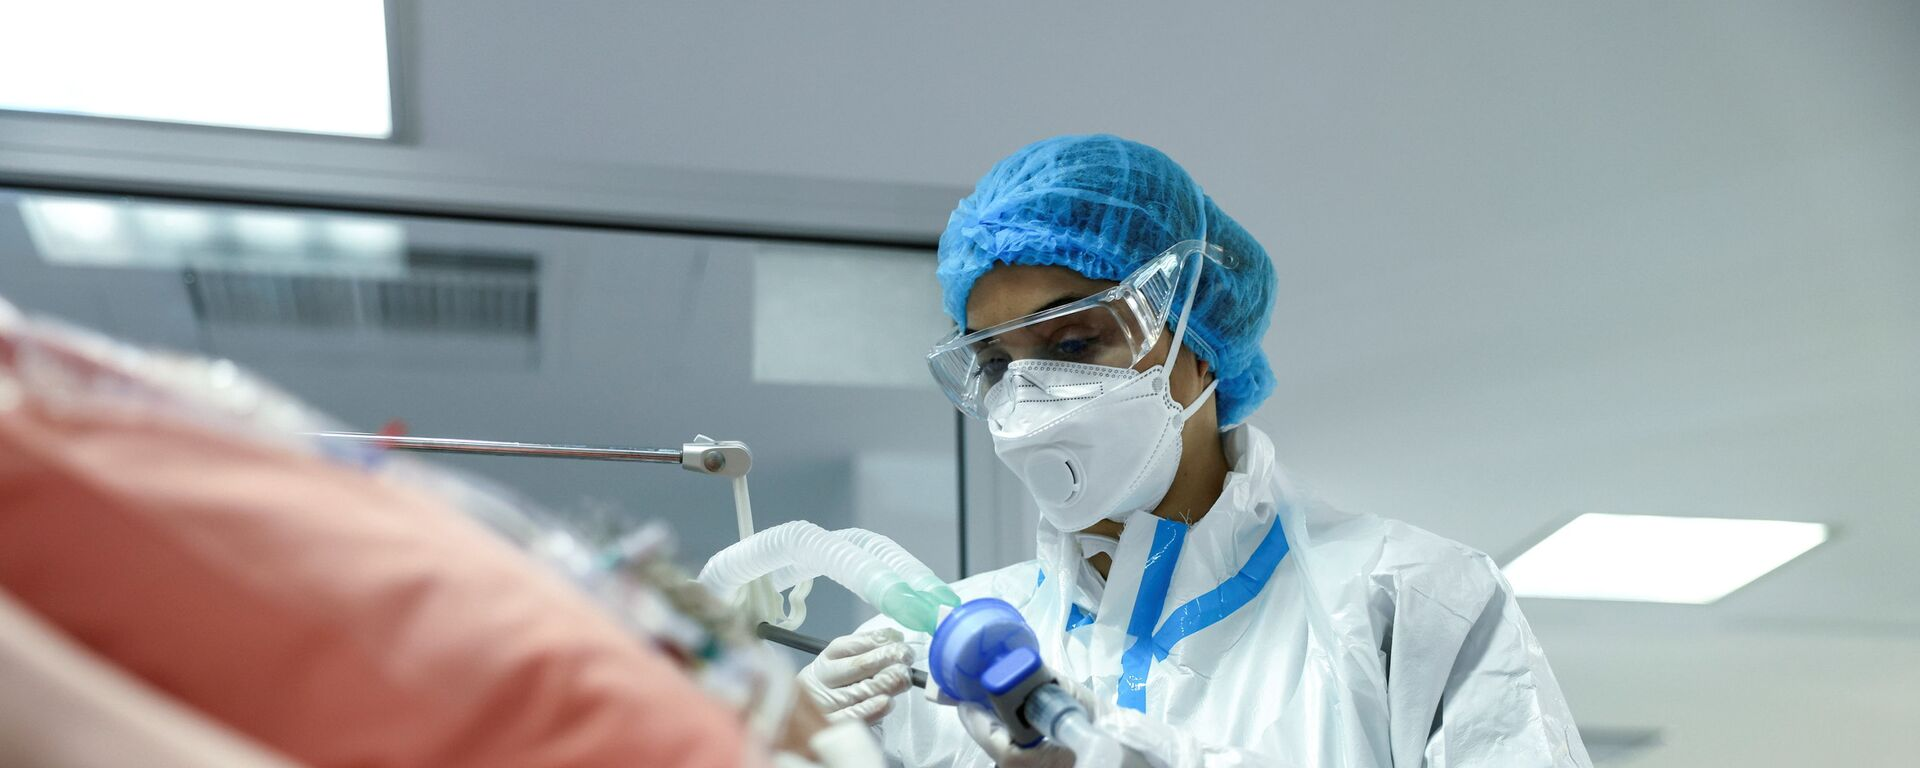 Медсестра у пациента в отделении интенсивной терапии в больнице в Афинах, Греция  - Sputnik Таджикистан, 1920, 07.07.2021